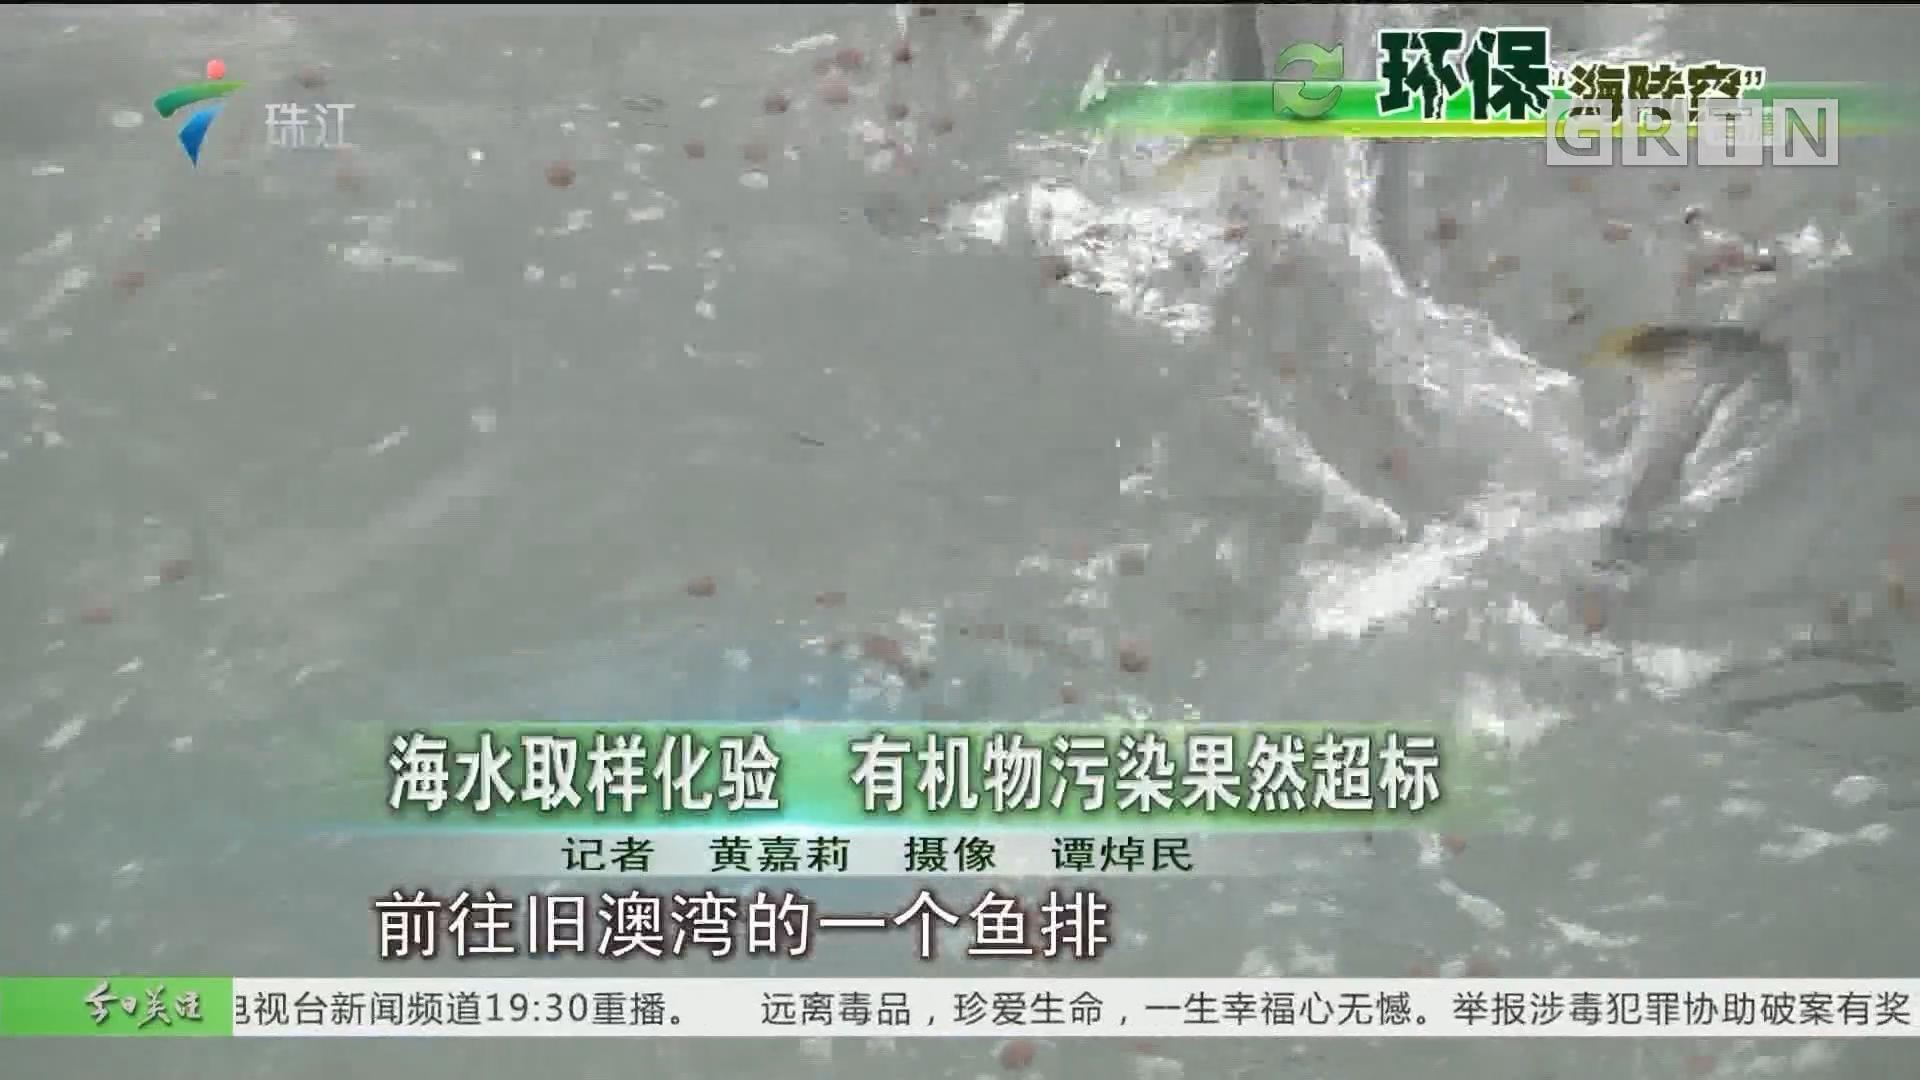 海水取样化验 有机物污染果然超标